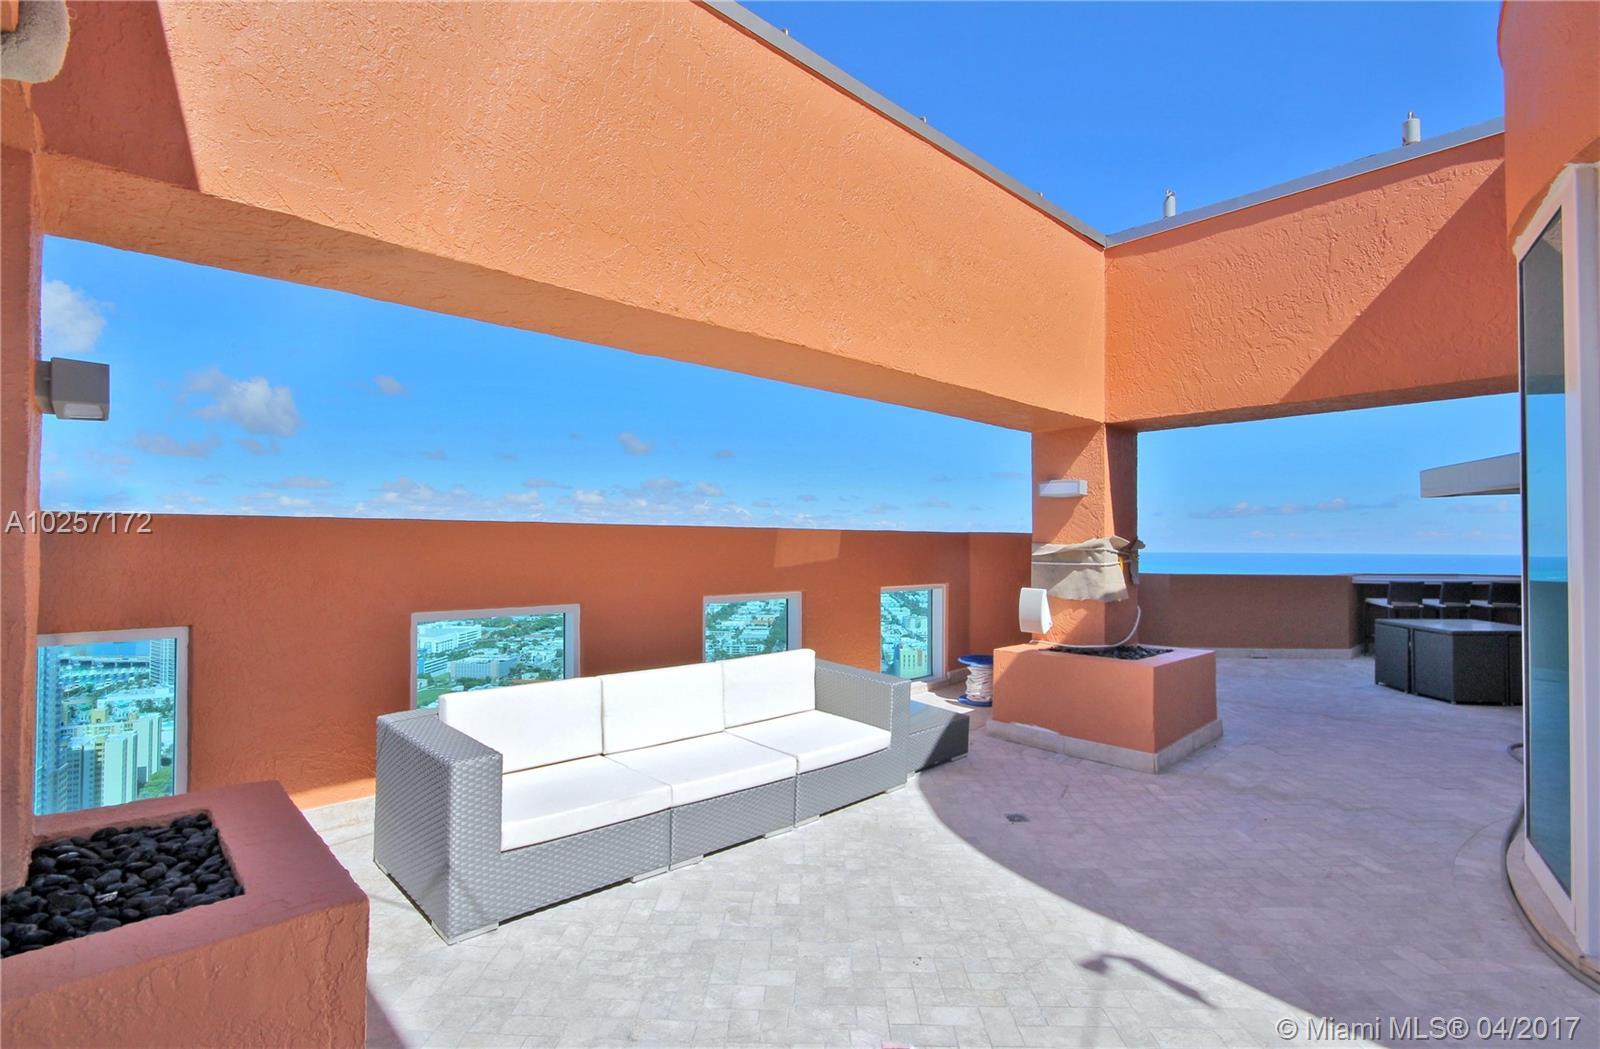 300 Pointe dr-LPH2 miami-beach--fl-33139-a10257172-Pic24